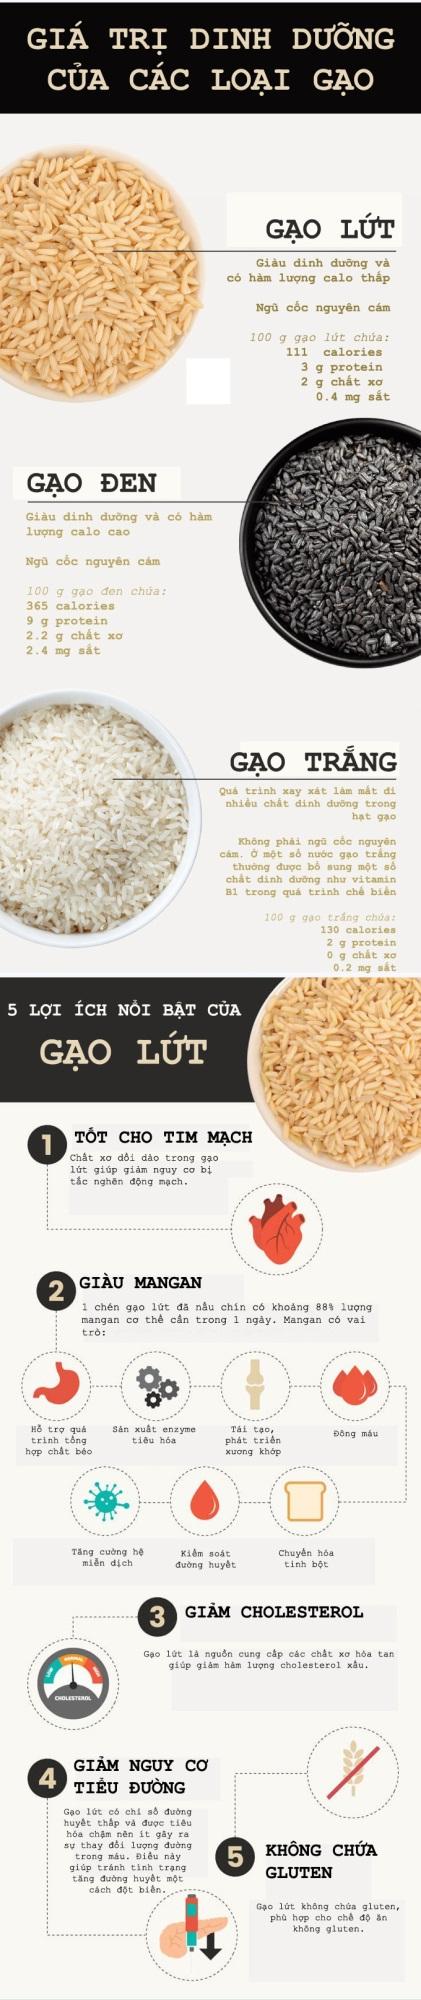 Lý do gạo lứt là tinh bột tốt, thường có trong chế độ ăn giảm cân - Ảnh 1